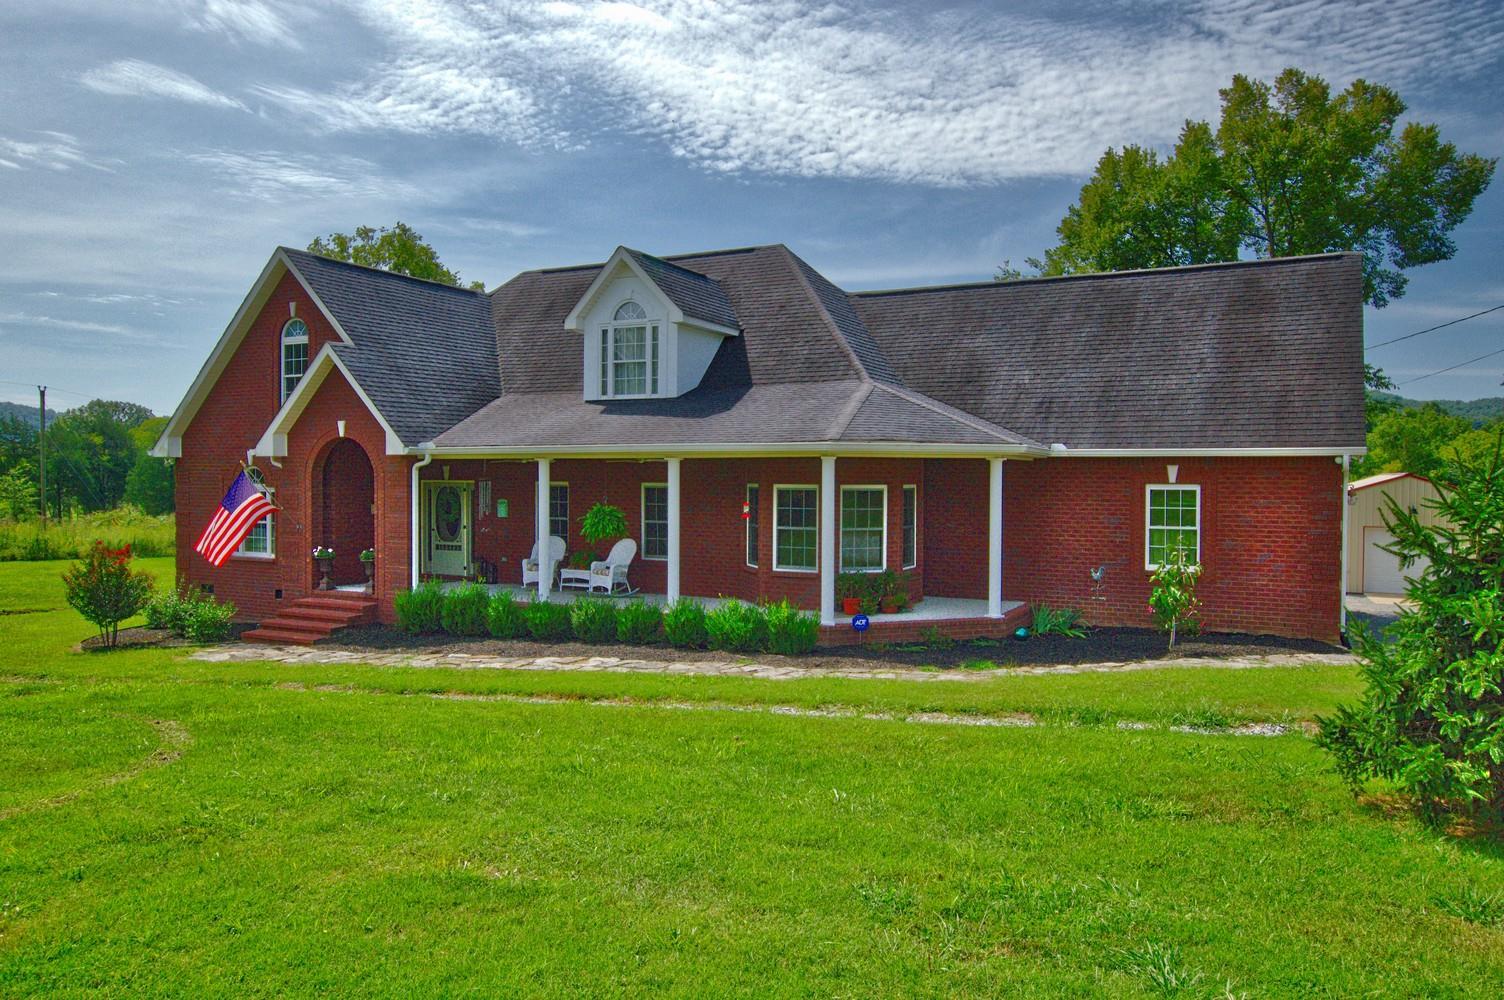 305 W Main St, Auburntown, TN 37016 - Auburntown, TN real estate listing